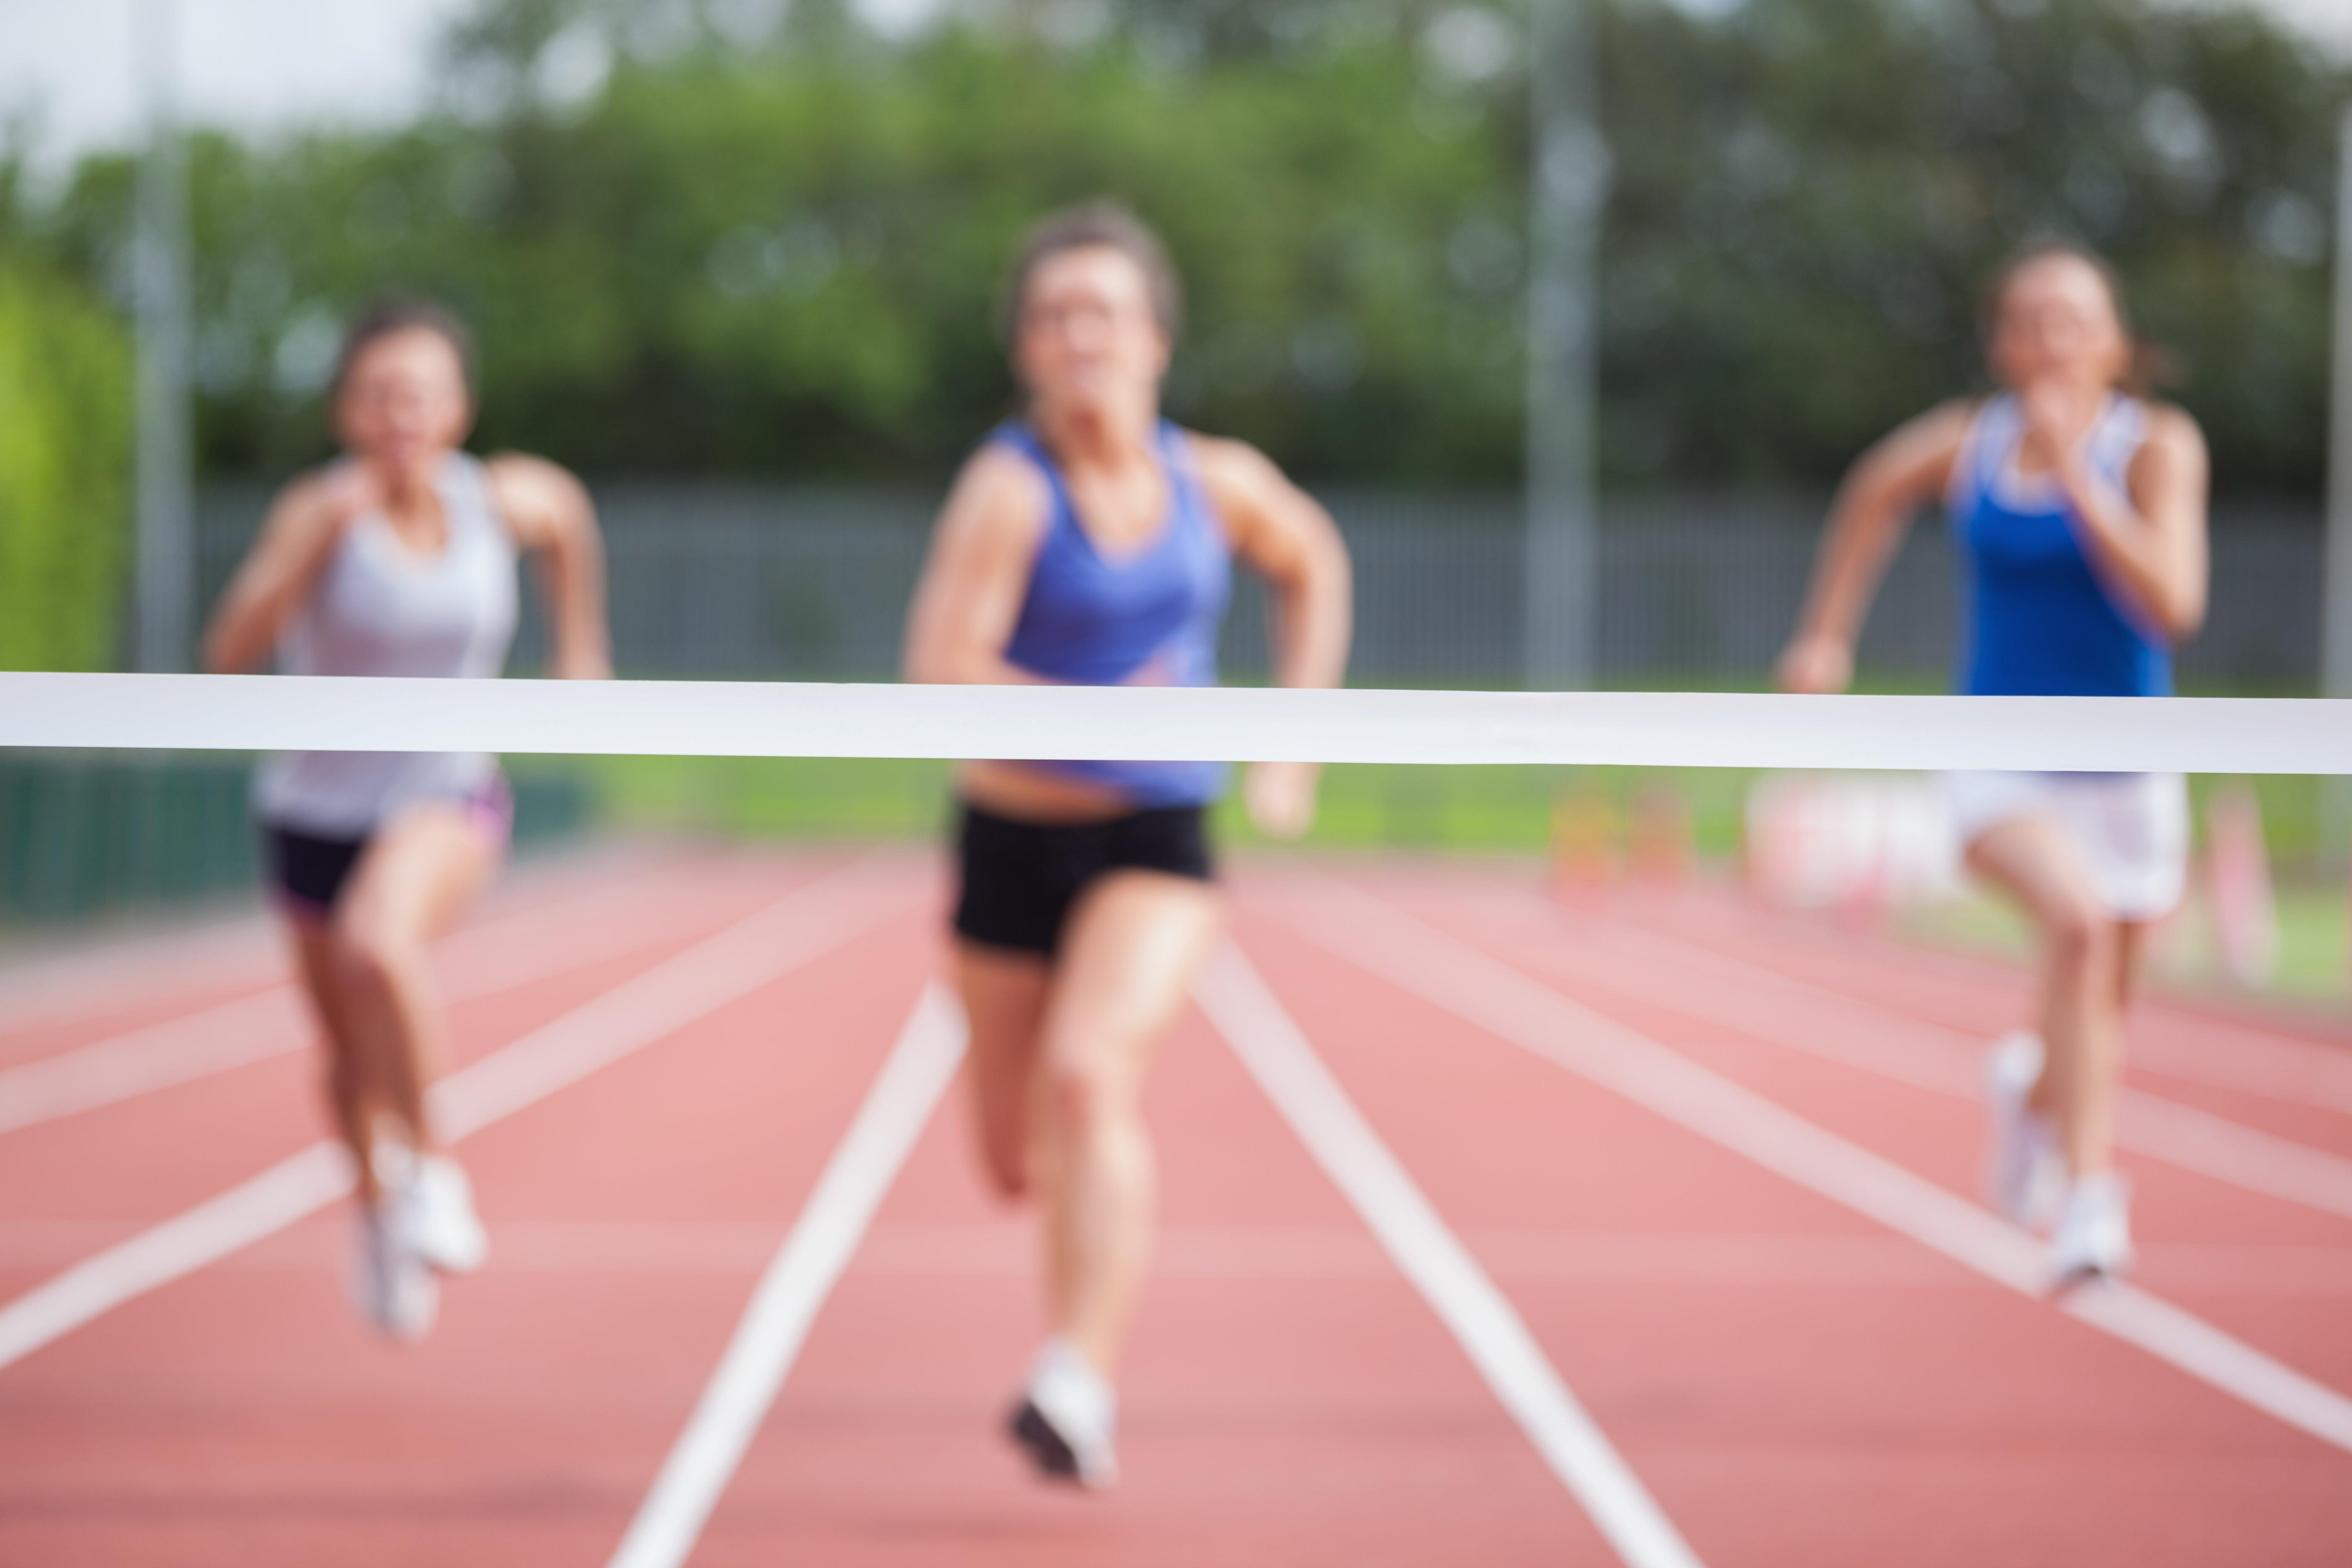 Finish Line Makes You Push Harder